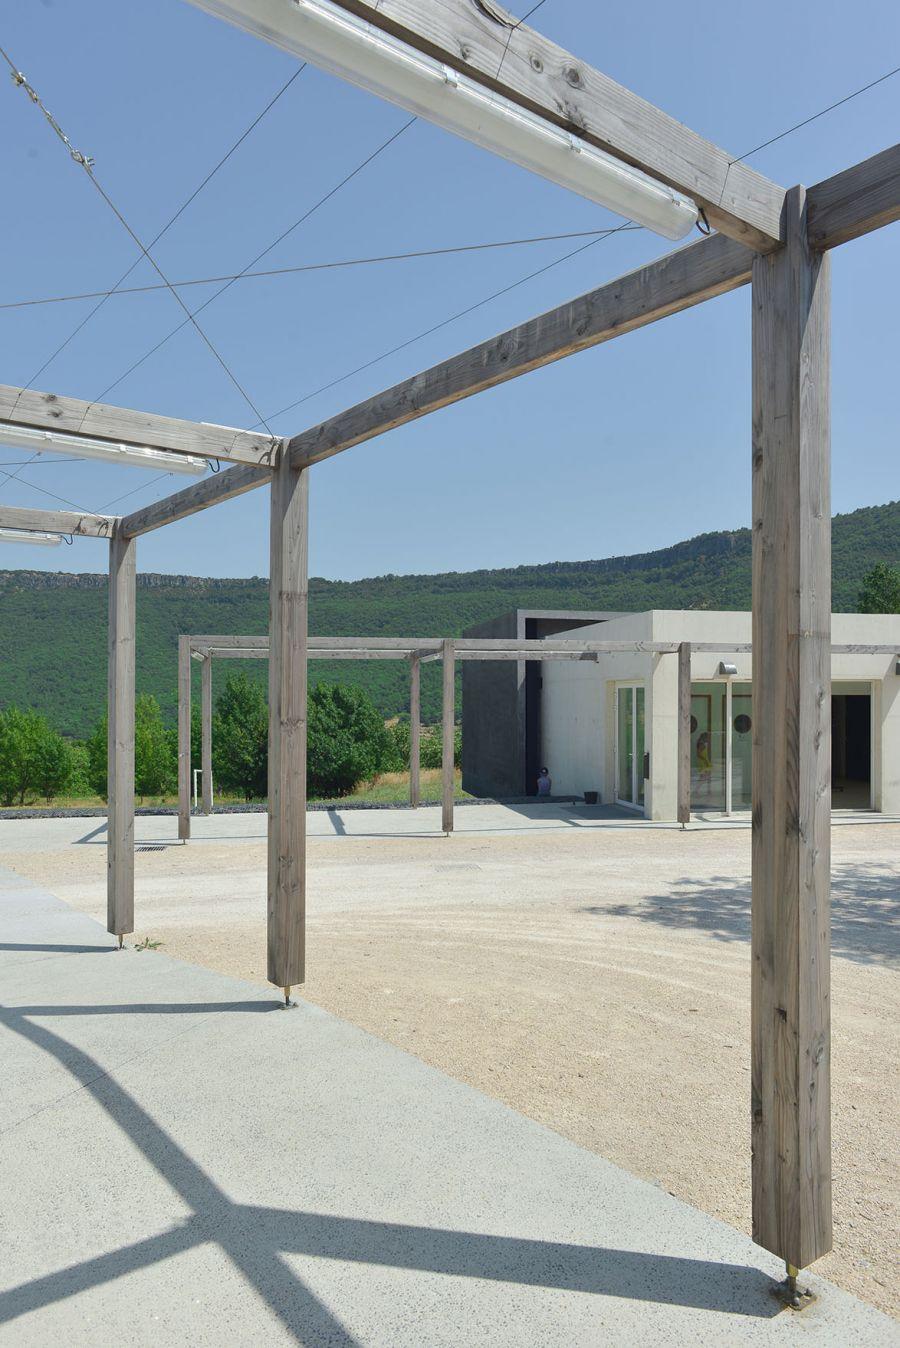 Mairie et salle polyvalente de Rochessauve - Arch. Esteve & Dutriez Architectes - Photos : Esteve & Dutriez Architectes